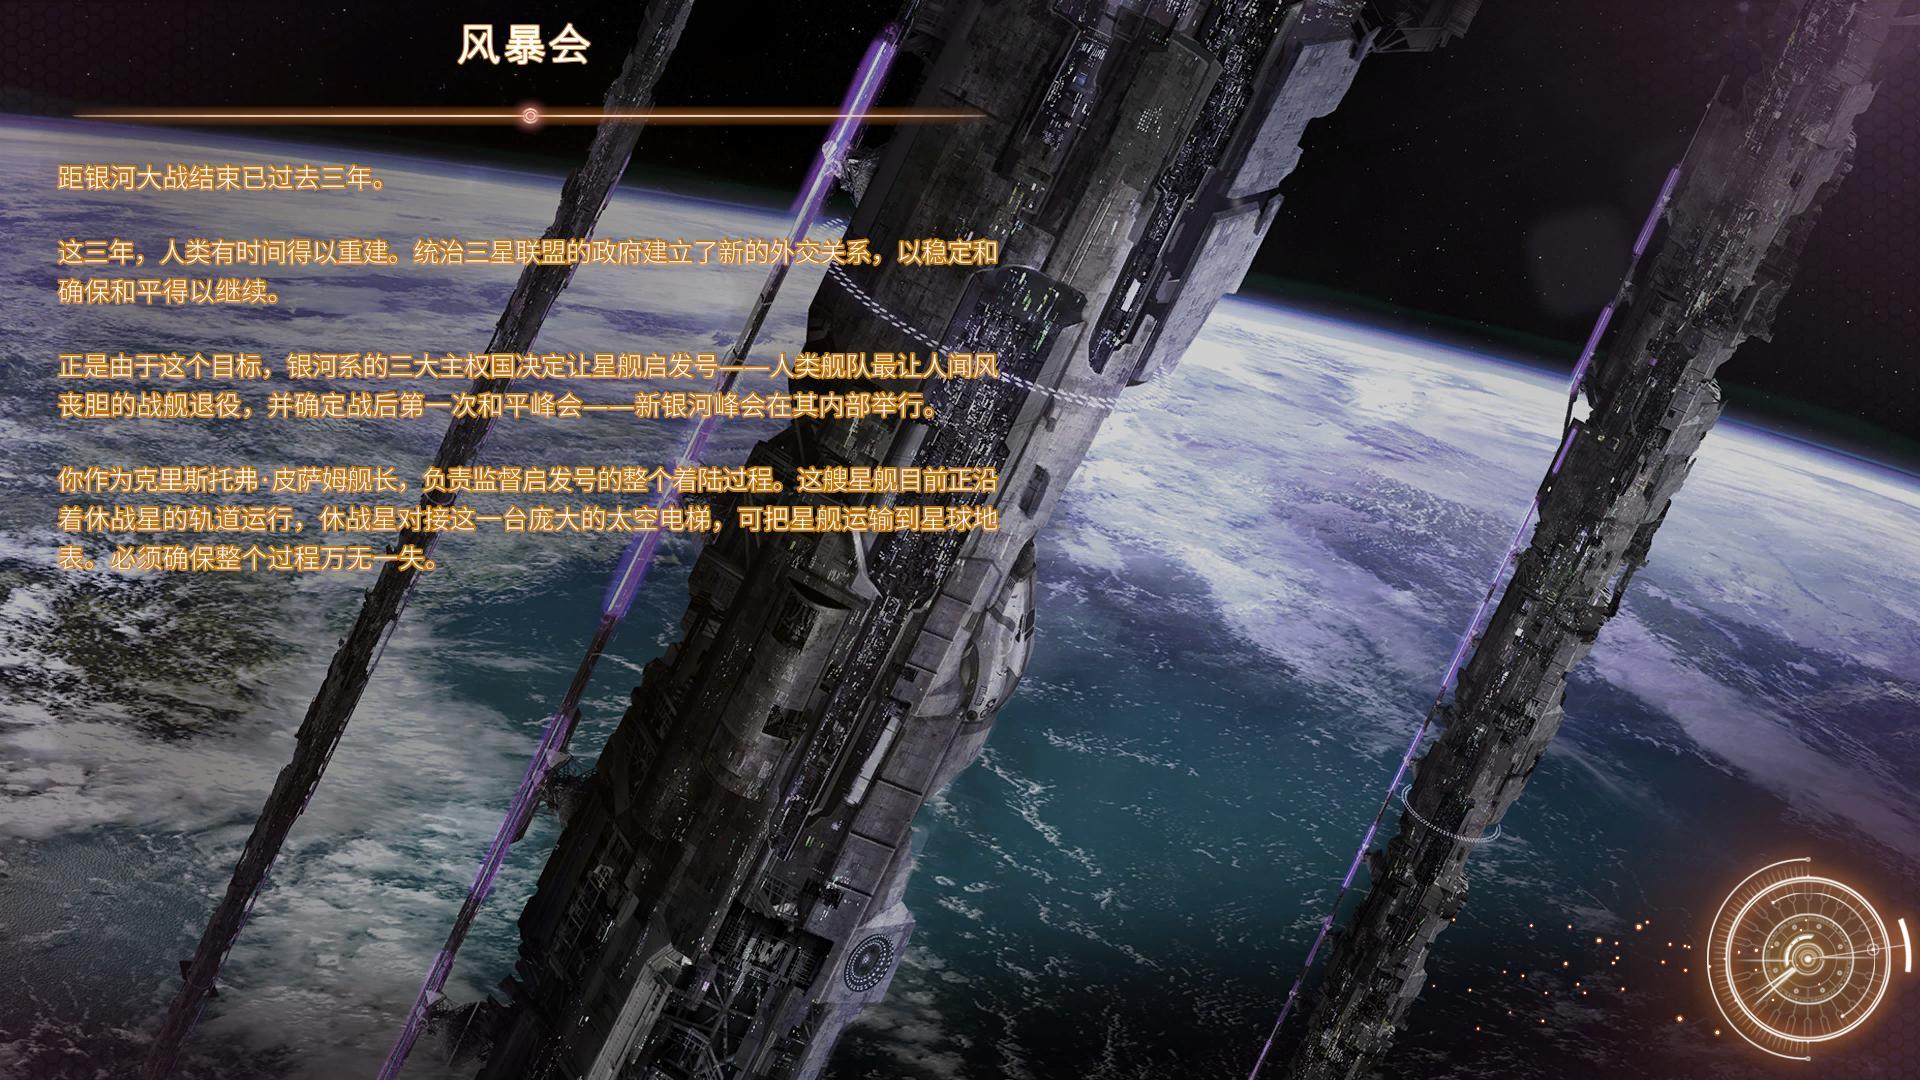 元素:太空 增强版/元素空间增强版/Element: Space